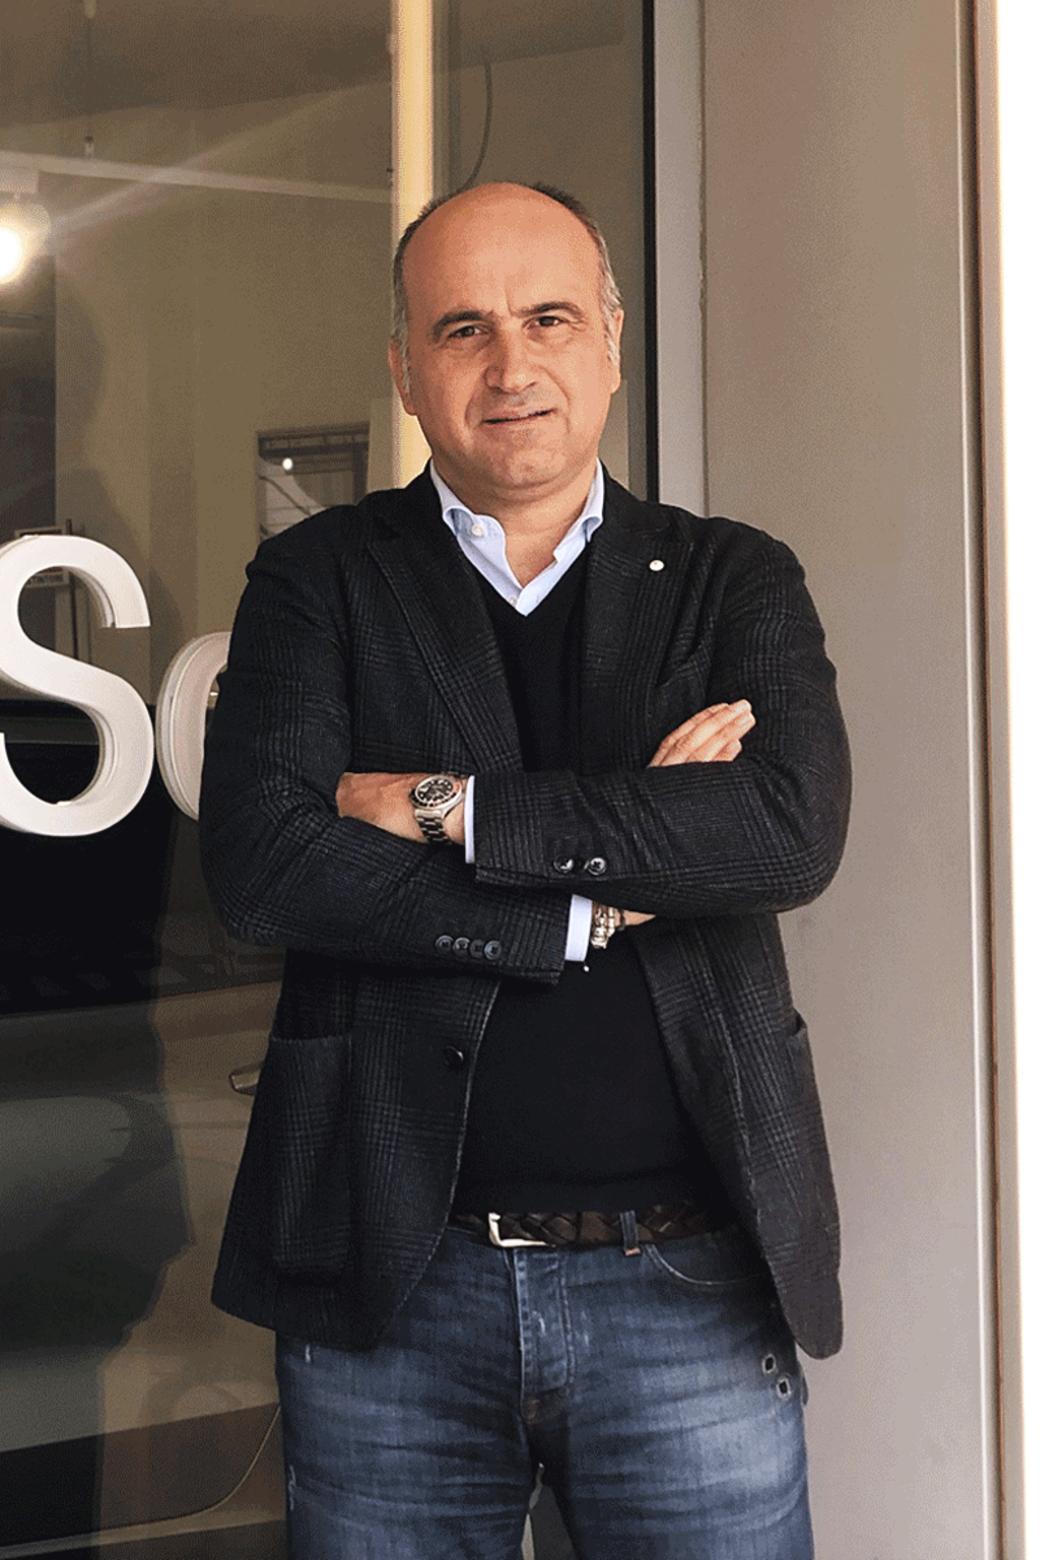 Alberto Peragnoli